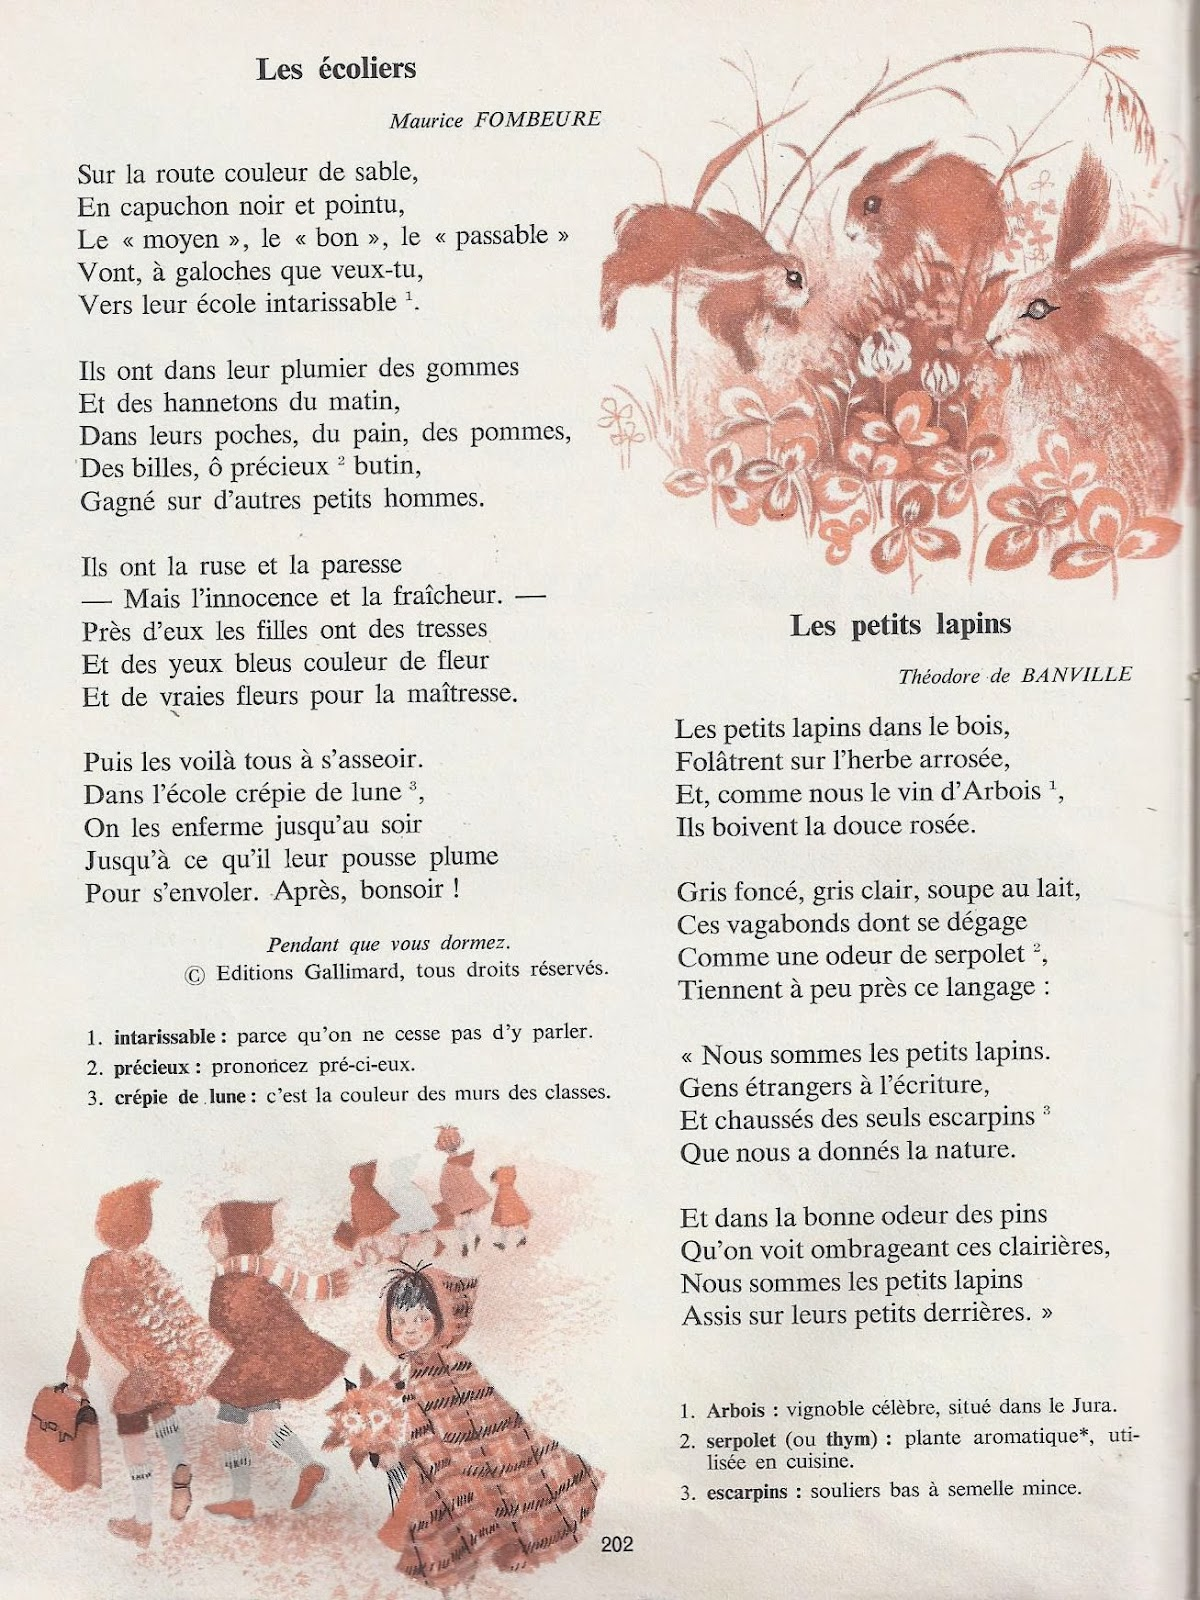 Fabulous Choix de poèmes pour le CM1 - Littérature au primaire WP47